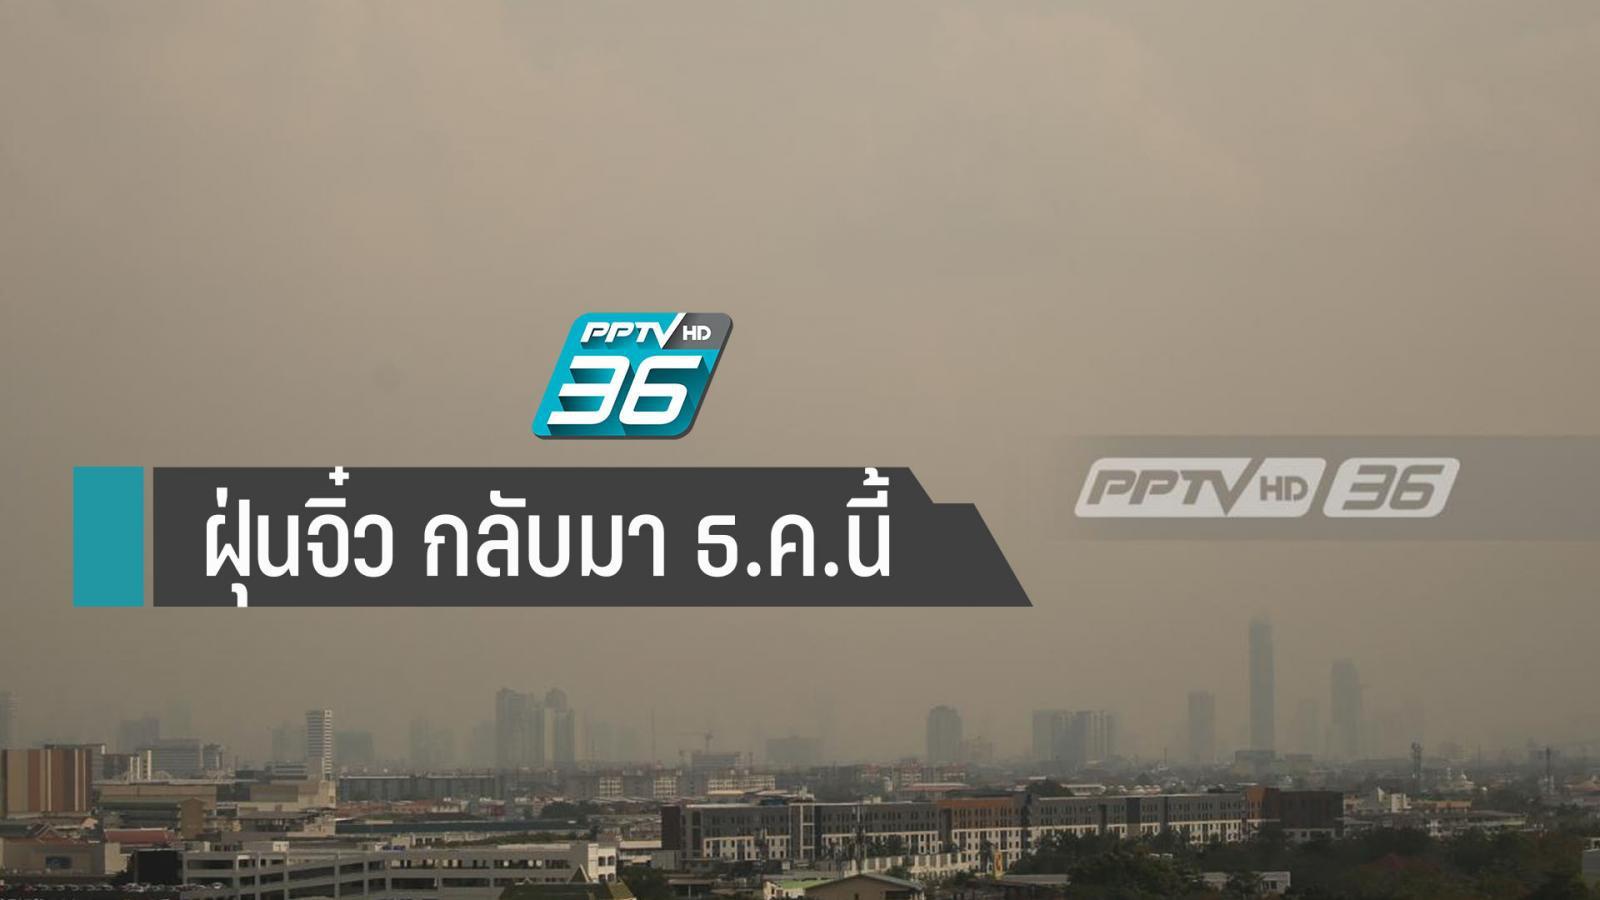 กลับมาอีกครั้ง! ฝุ่นจิ๋ว ธ.ค. นี้ สธ.ให้ความรู้กลุ่มเสี่ยง ป้องกันภัยจาก PM 2.5